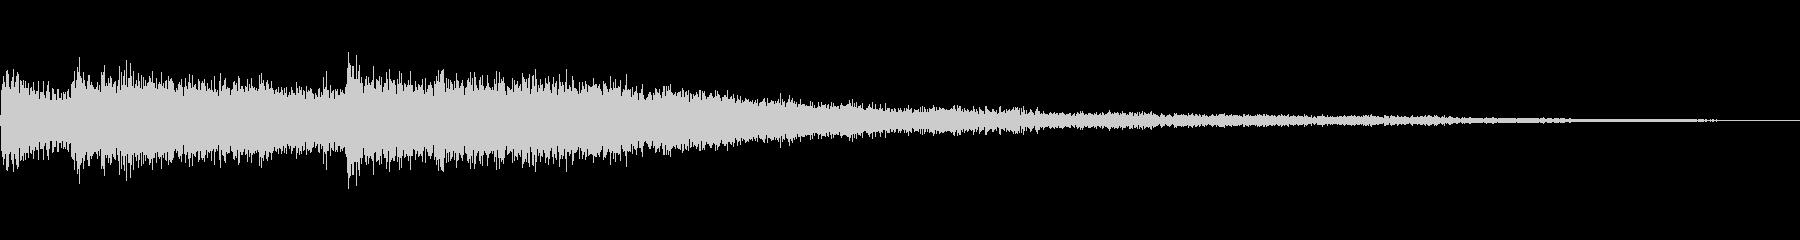 [チャラーン]スキル獲得(明るく鋭い)の未再生の波形